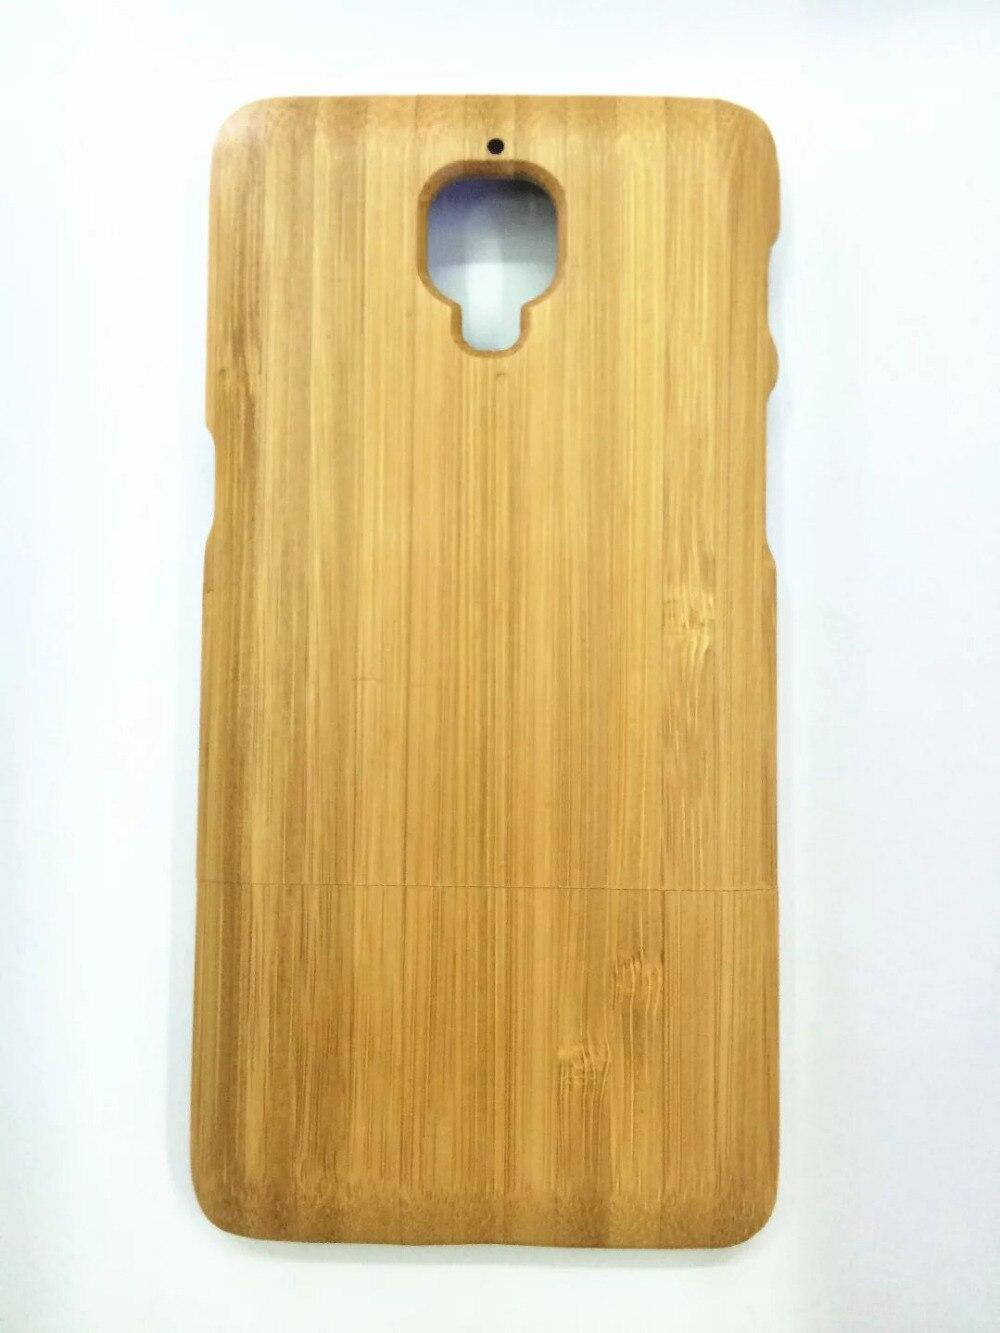 bilder für Echte reale oneplus 3 bambus fall holz rückseite original für eins plus 3 drei a3003 fall schutzhülle